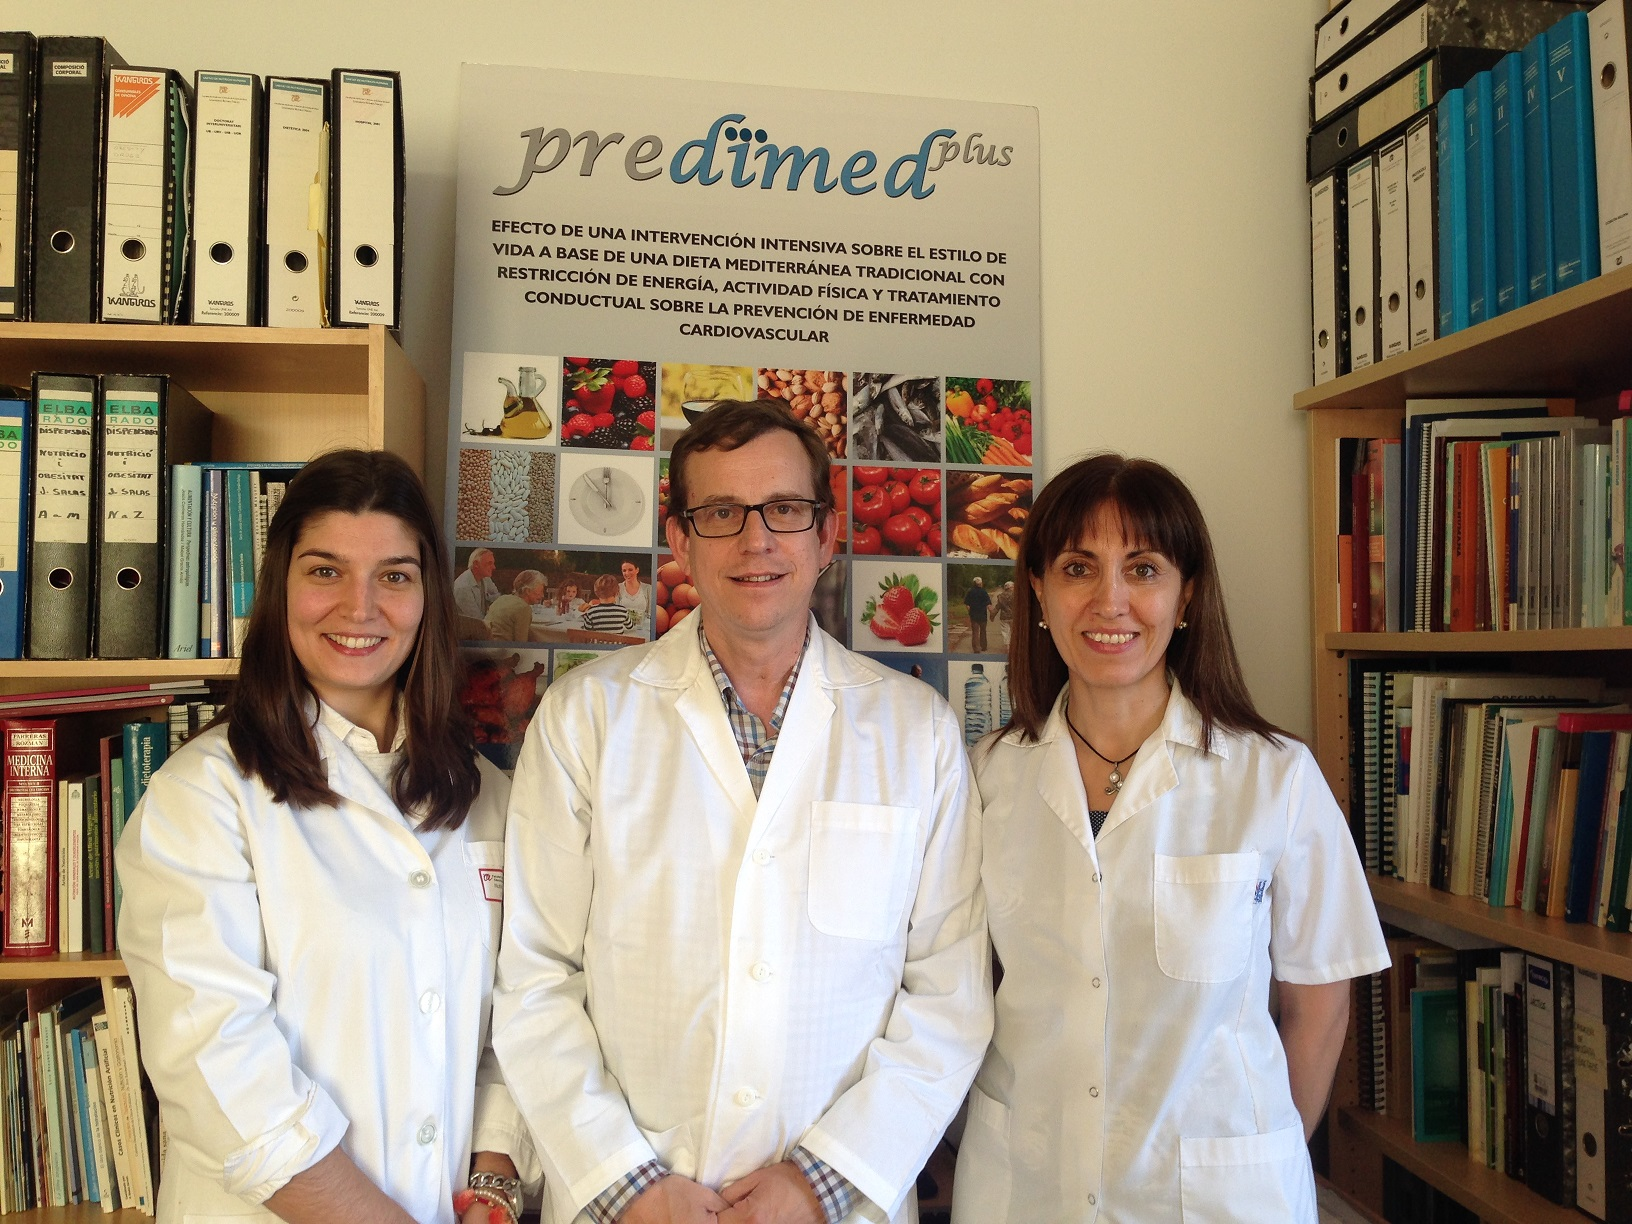 Els investigadors Cíntia Ferreira-Pêgo, Jordi Salas-Salvadó i Nancy Babio, autors de l'estudi.